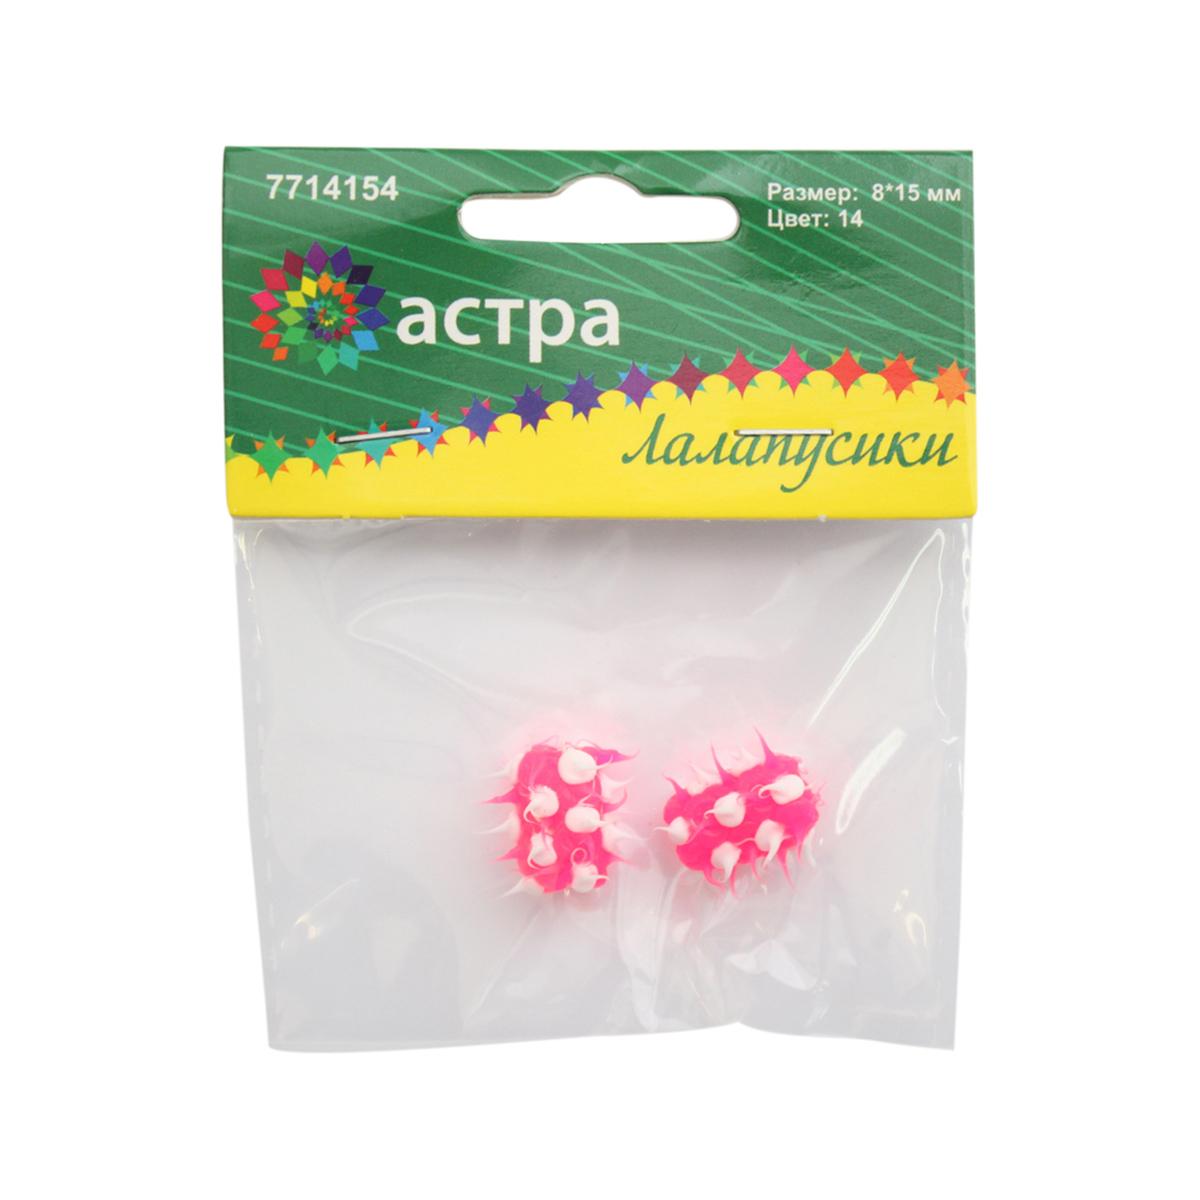 Бусины резиновые с шипами Микс RUB0004, 8*15 мм, 2 шт/уп, Астра